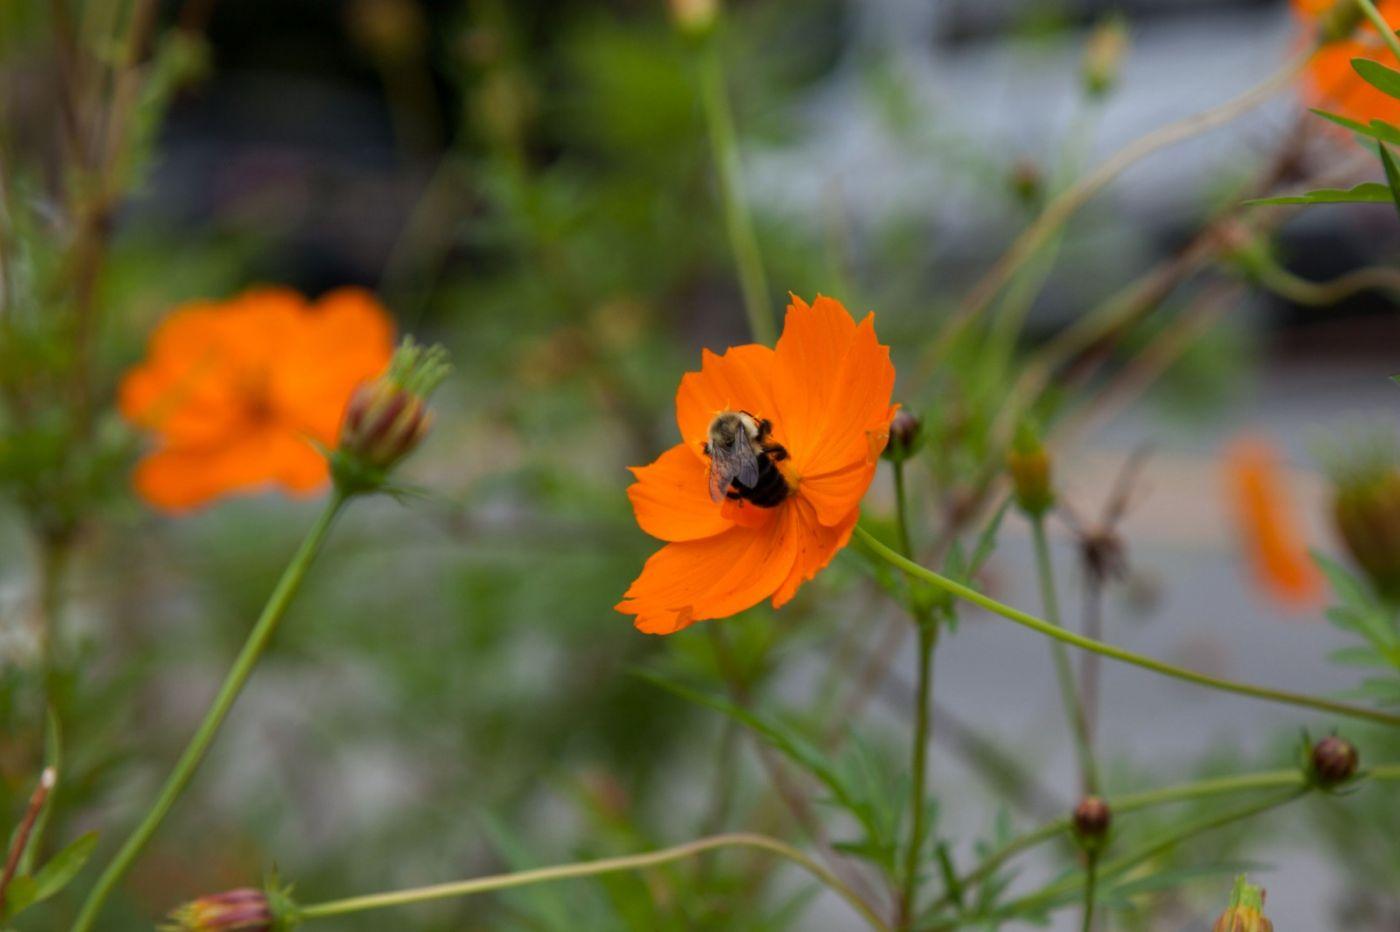 蜂在花丛中_图1-9